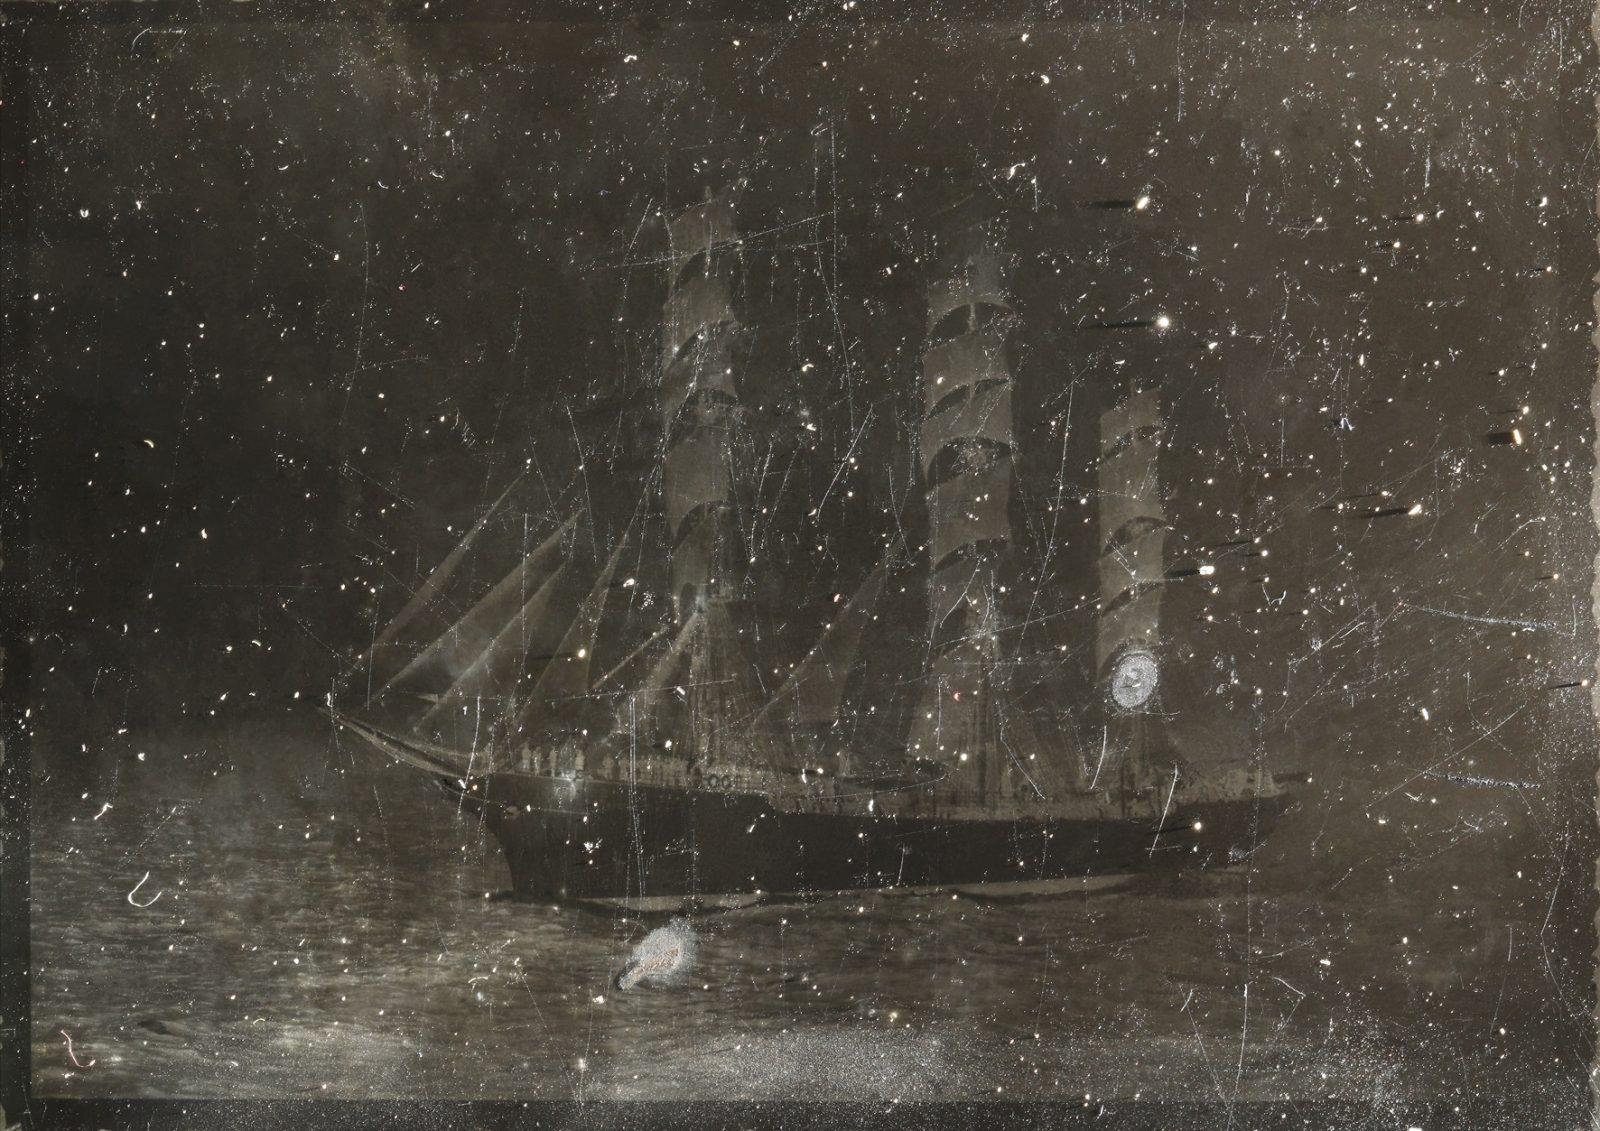 LOST IN STARS, 2017, 88x 123 cm, archival pigment print, frame